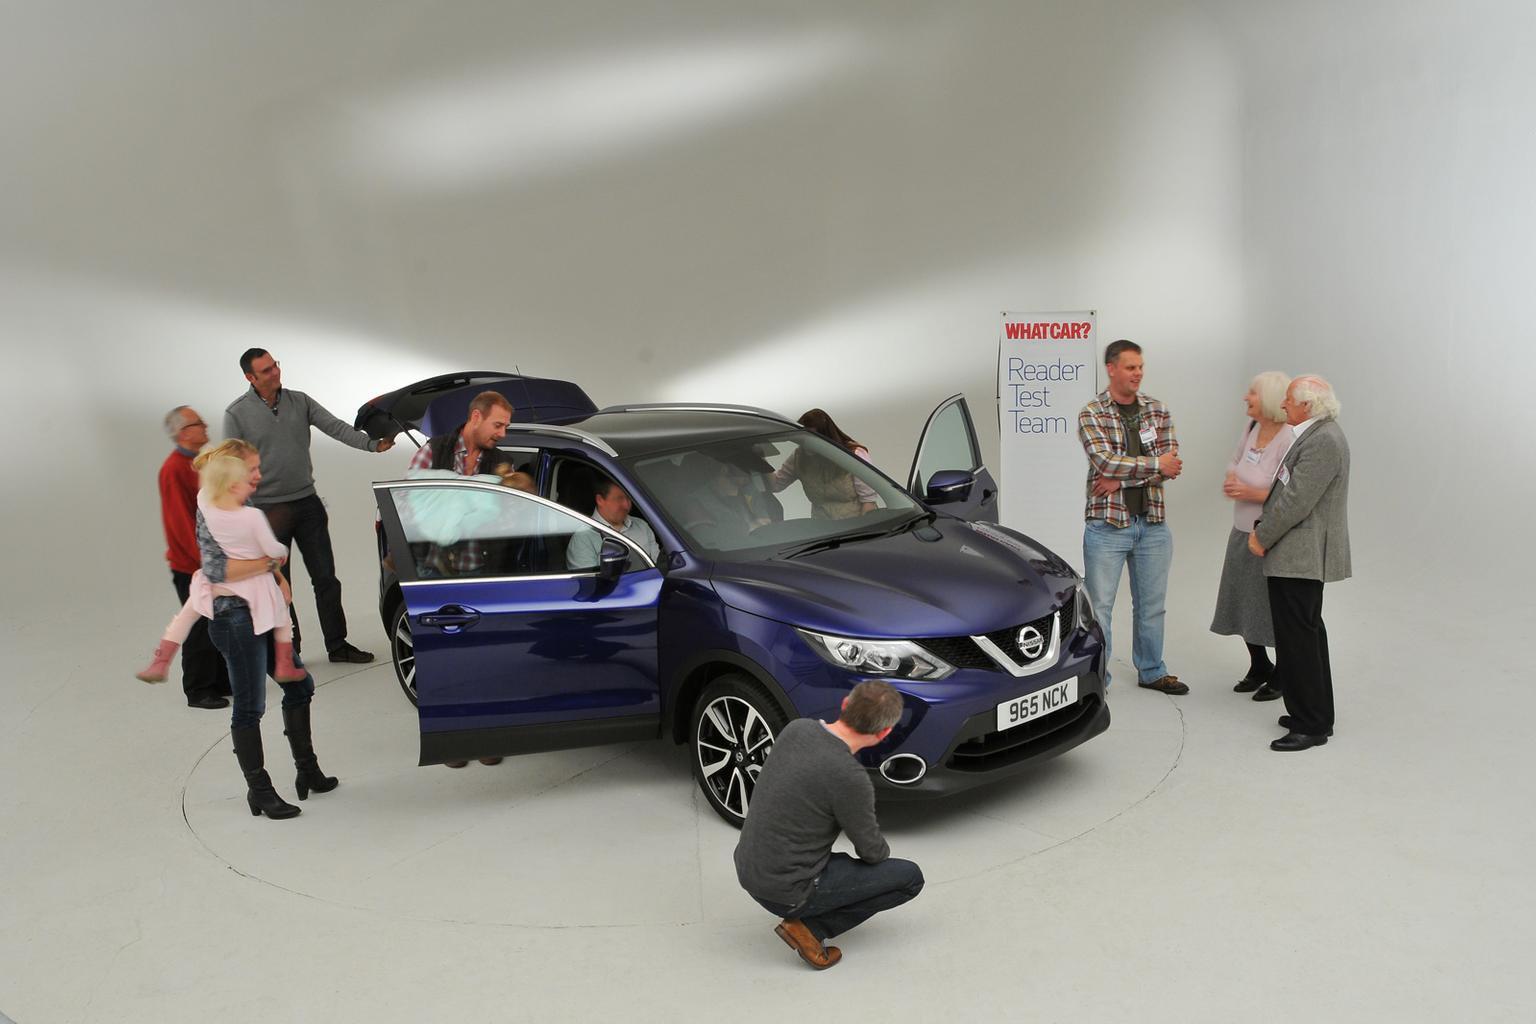 2014 Nissan Qashqai video: What Car? reader verdicts